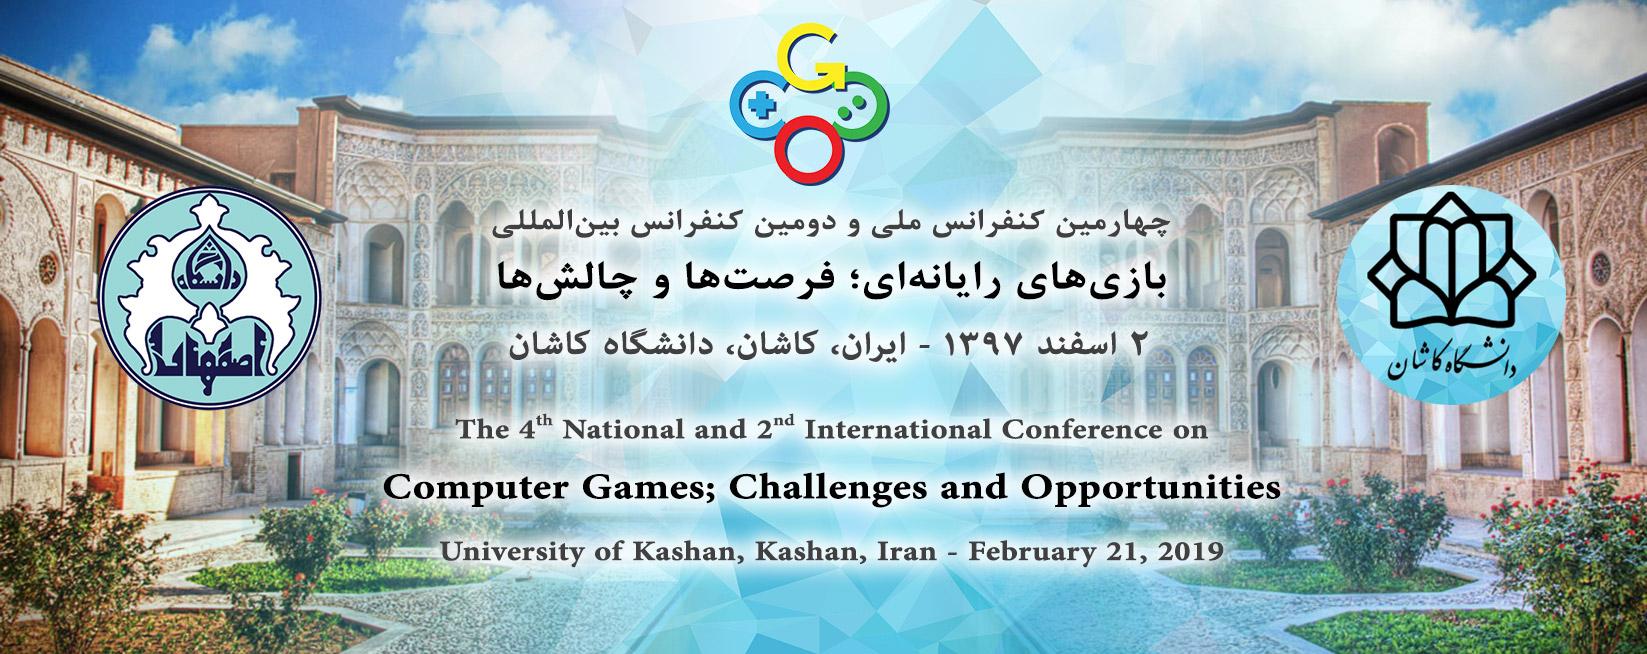 چهارمین کنفرانس ملّی و دومین کنفرانس بینالمللی «بازیهای رایانهای؛ فرصتها و چالشها»